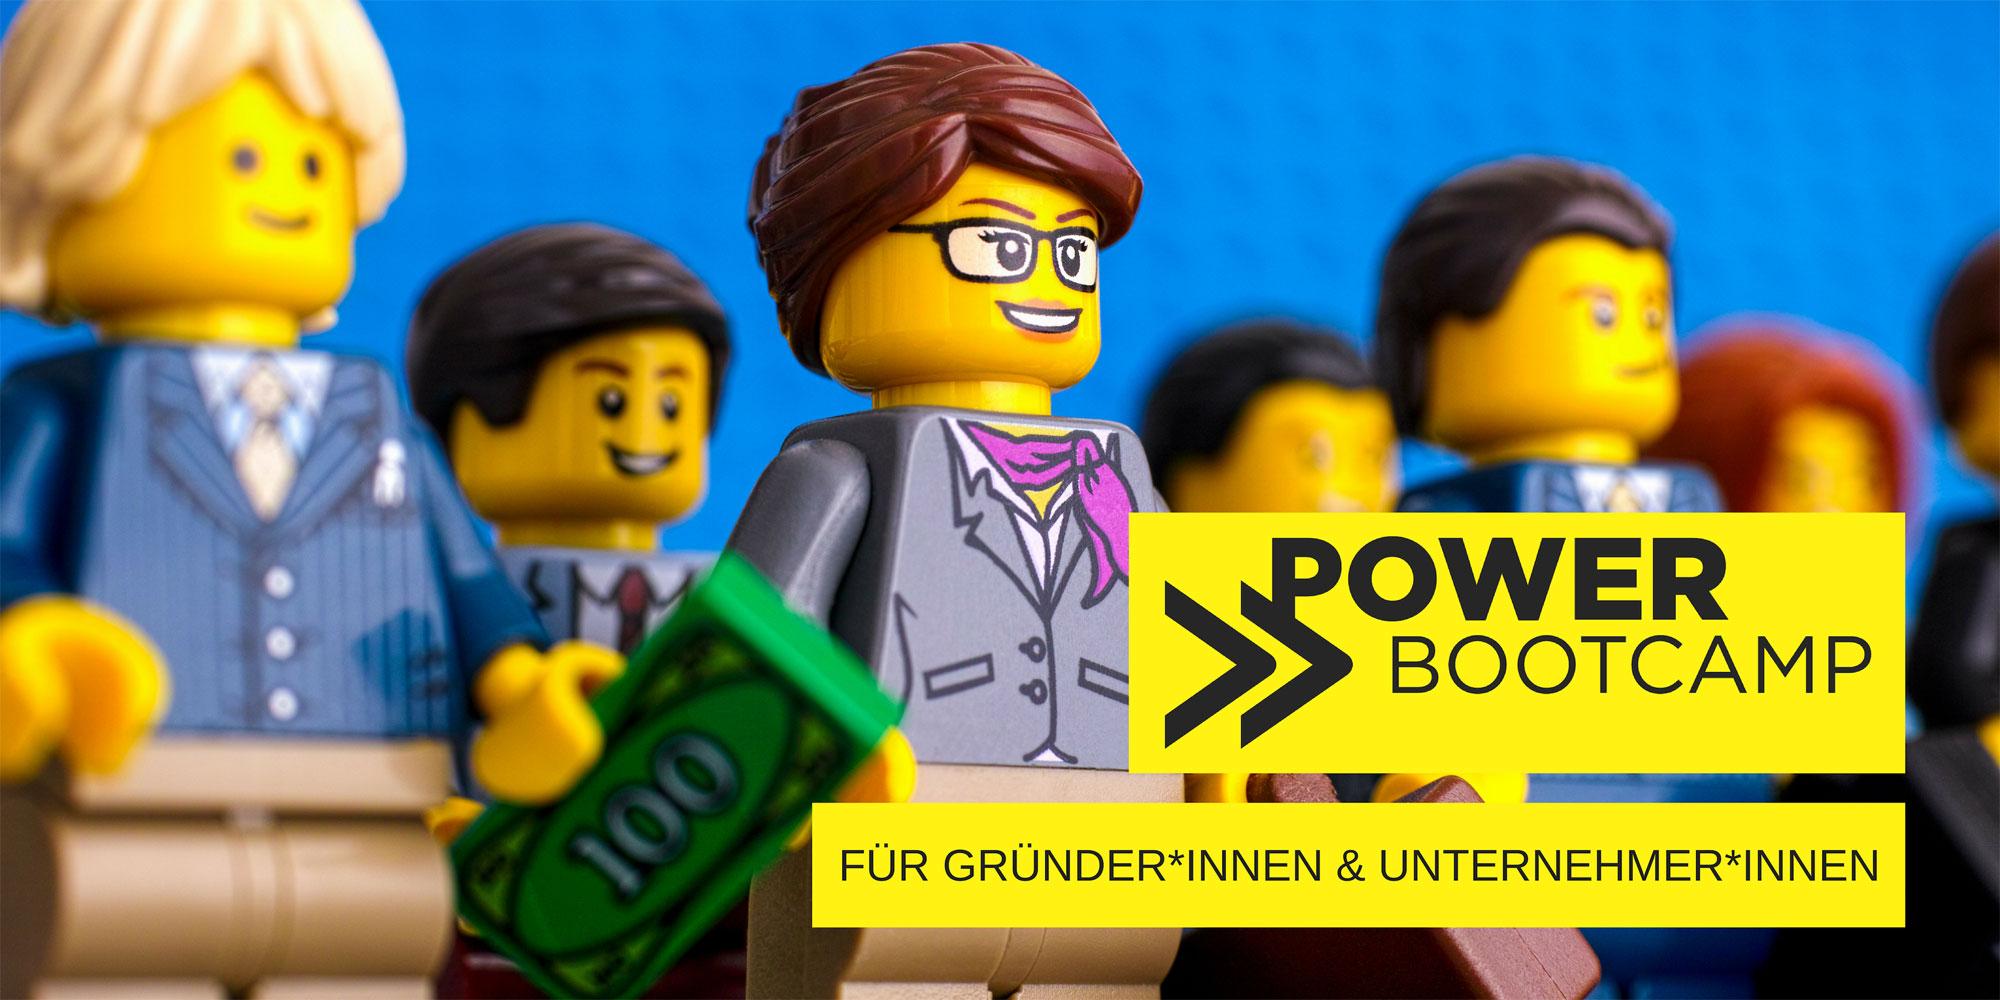 1 Power-Bootcamp – 2Mitgliedsfrauen – 3 Powertage für Deinen unternehmerischen Erfolg